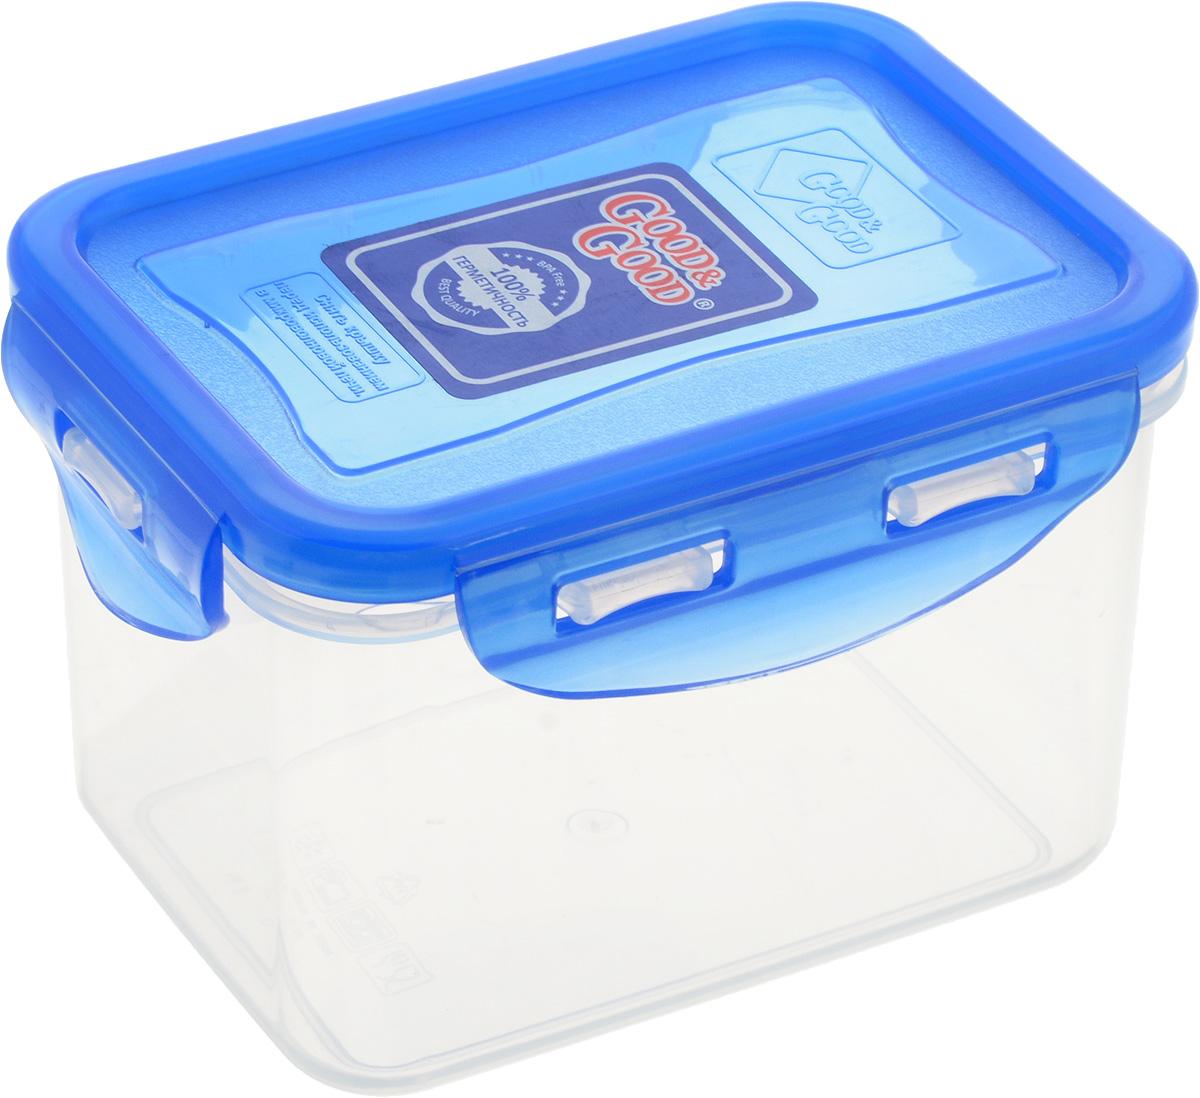 Контейнер пищевой Good&Good, цвет: прозрачный, синий, 630 мл02-2/LIDCOLПрямоугольный контейнер Good&Good изготовлен из высококачественного полипропилена и предназначен для хранения любых пищевых продуктов. Благодаря особым технологиям изготовления, лотки в течение времени службы не меняют цвет и не пропитываются запахами. Крышка с силиконовой вставкой герметично защелкивается специальным механизмом. Контейнер Good&Good удобен для ежедневного использования в быту.Можно мыть в посудомоечной машине и использовать в микроволновой печи.Размер контейнера (с учетом крышки): 13 х 10 х 8,5 см.